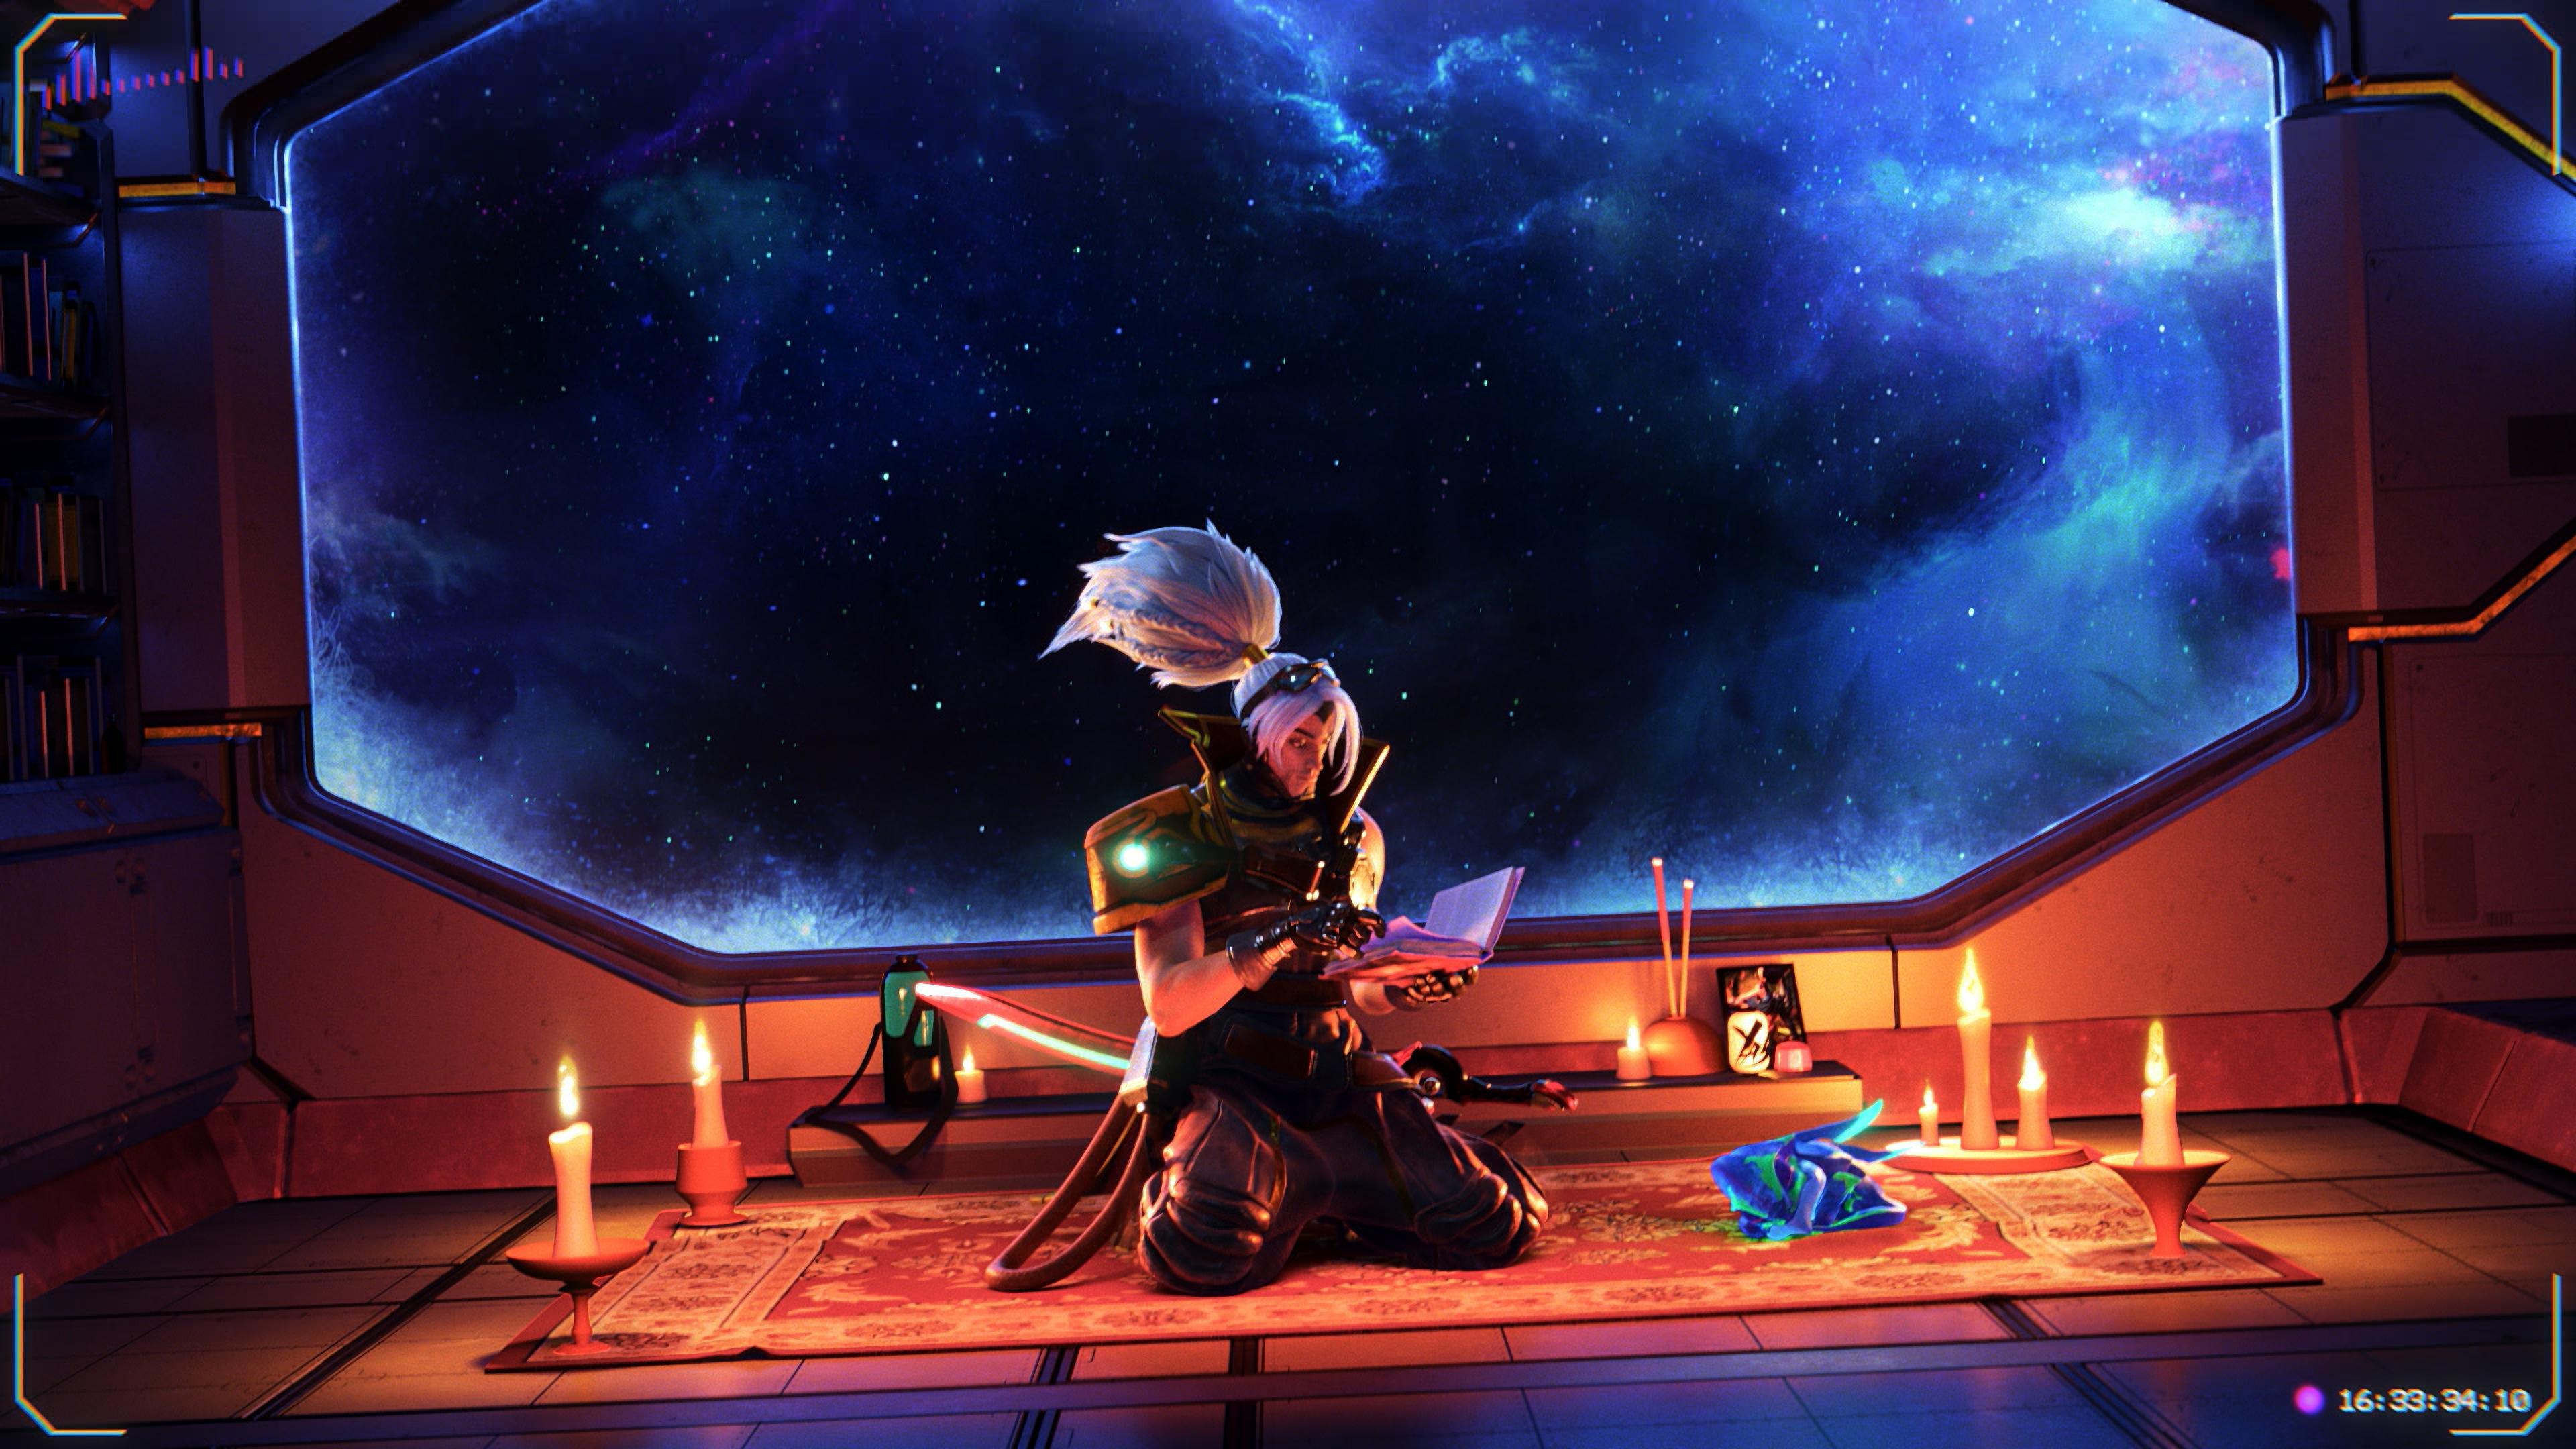 Wallpaper 4k Odyssey Yasuo Lol League Of Legends Lol League Of